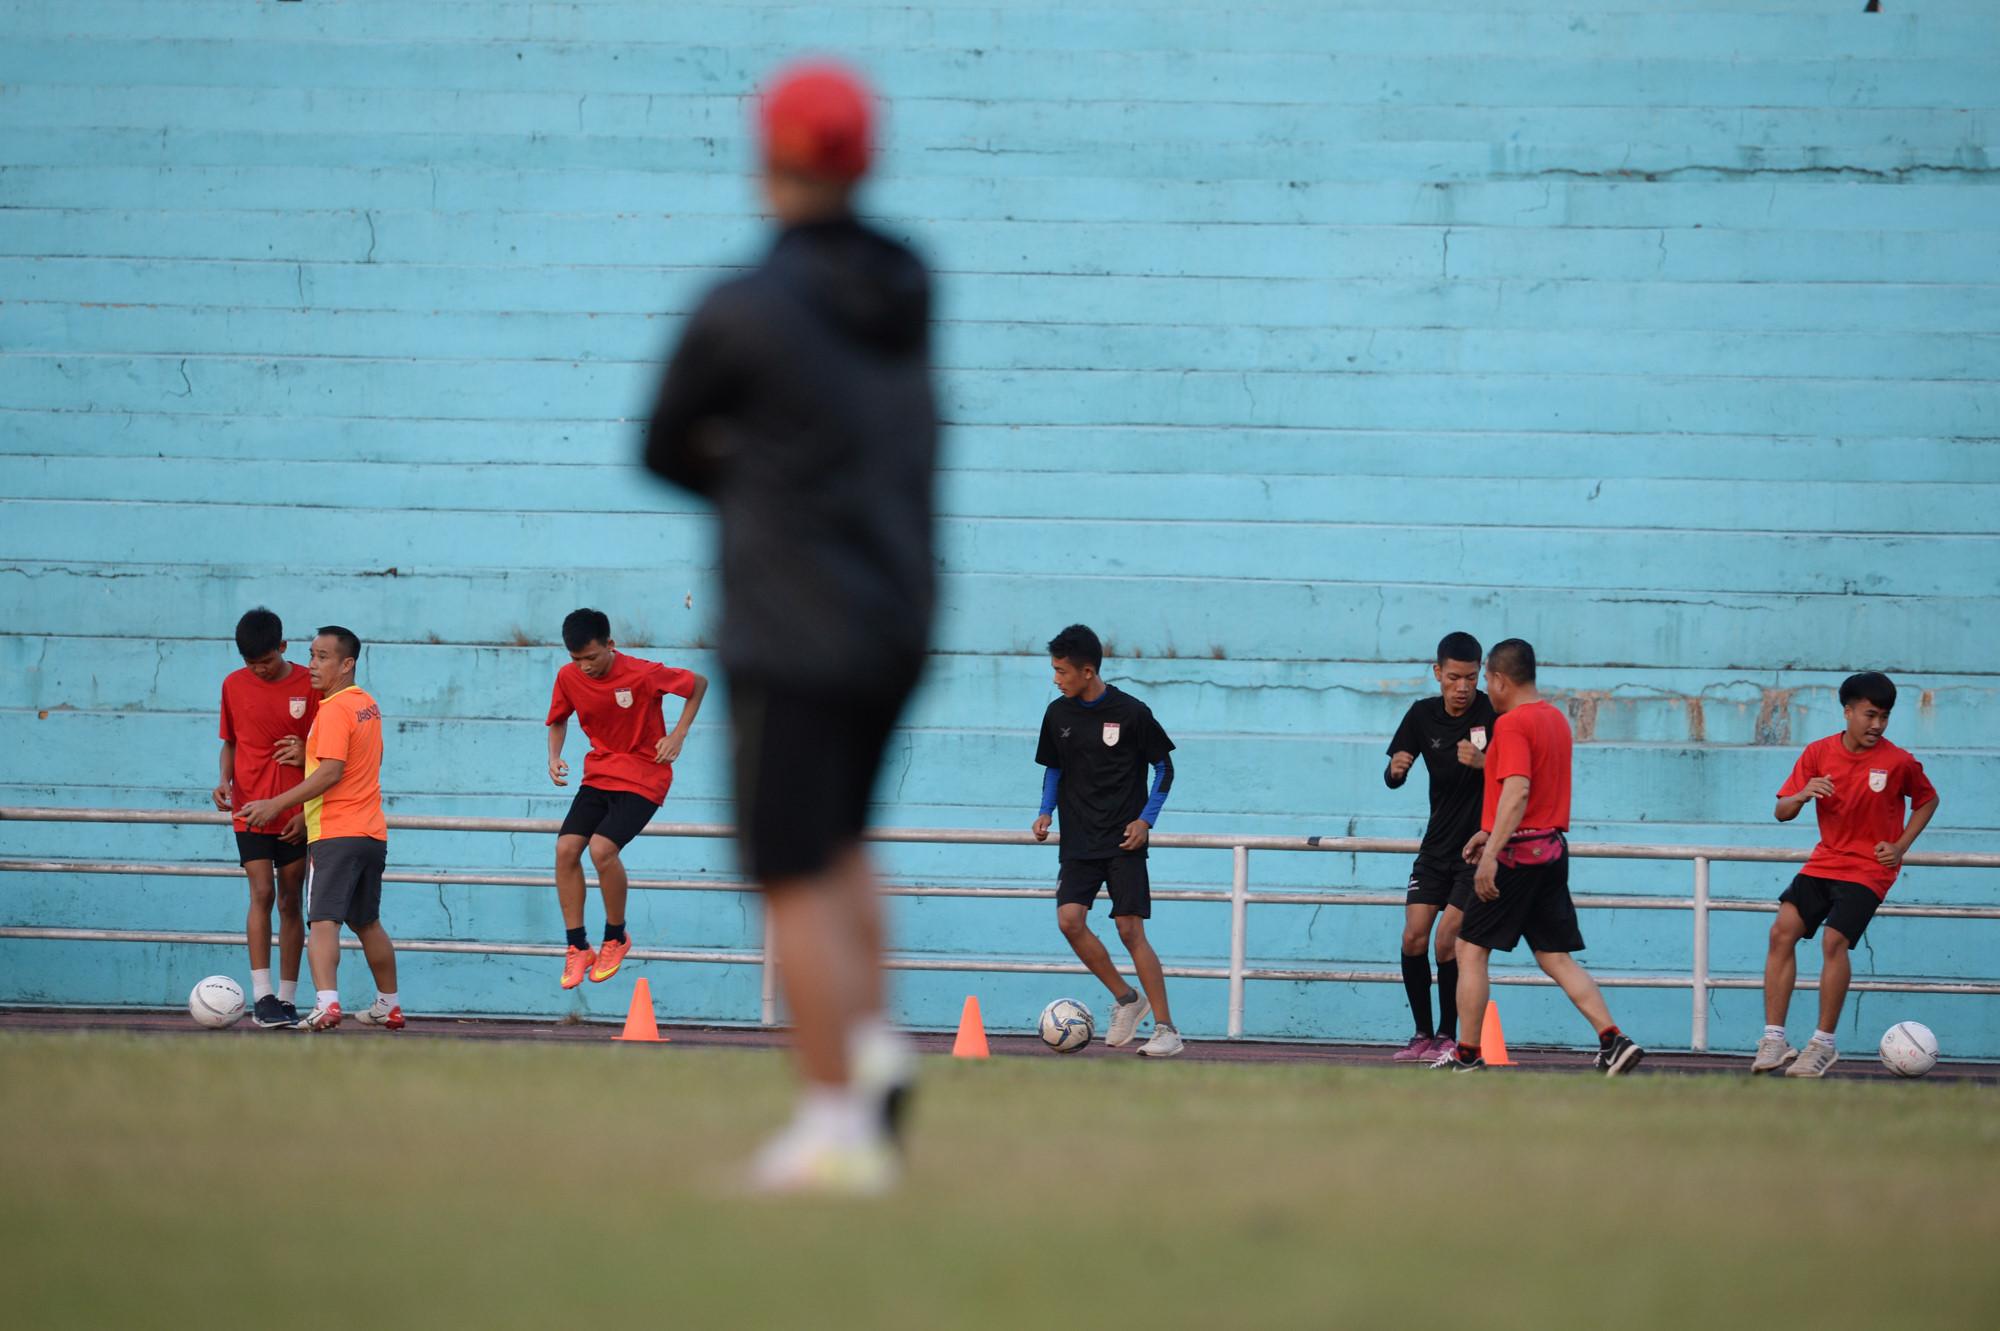 Tuyển Việt Nam tập chung sân với người dân đi tập thể dục Ảnh 5